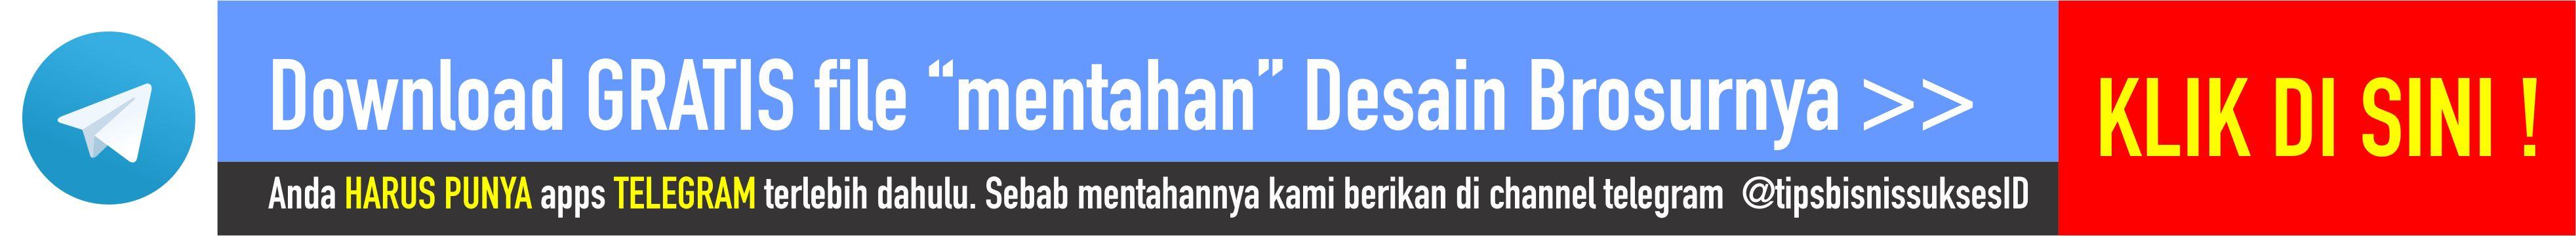 Download Gratis Desain Brosur Creative Store 24